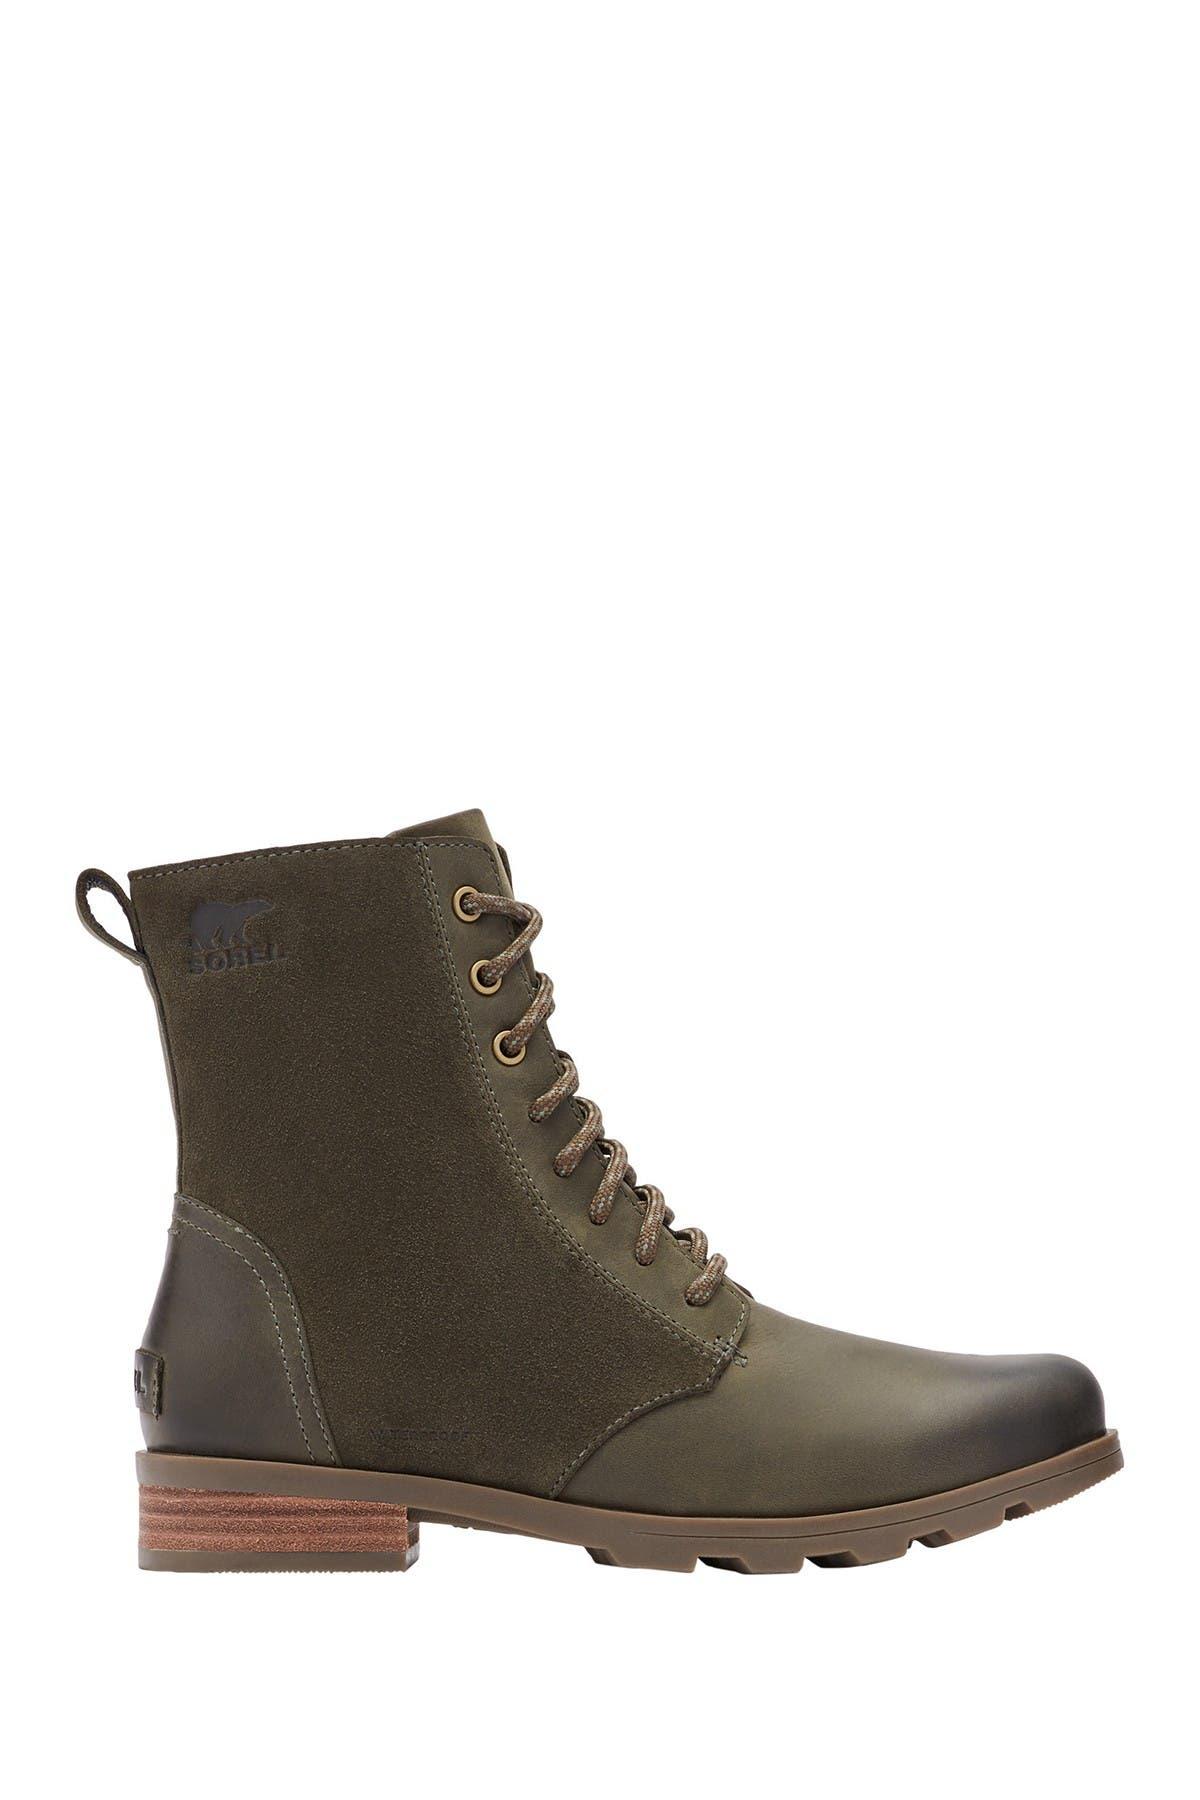 sorel emelie boots sale